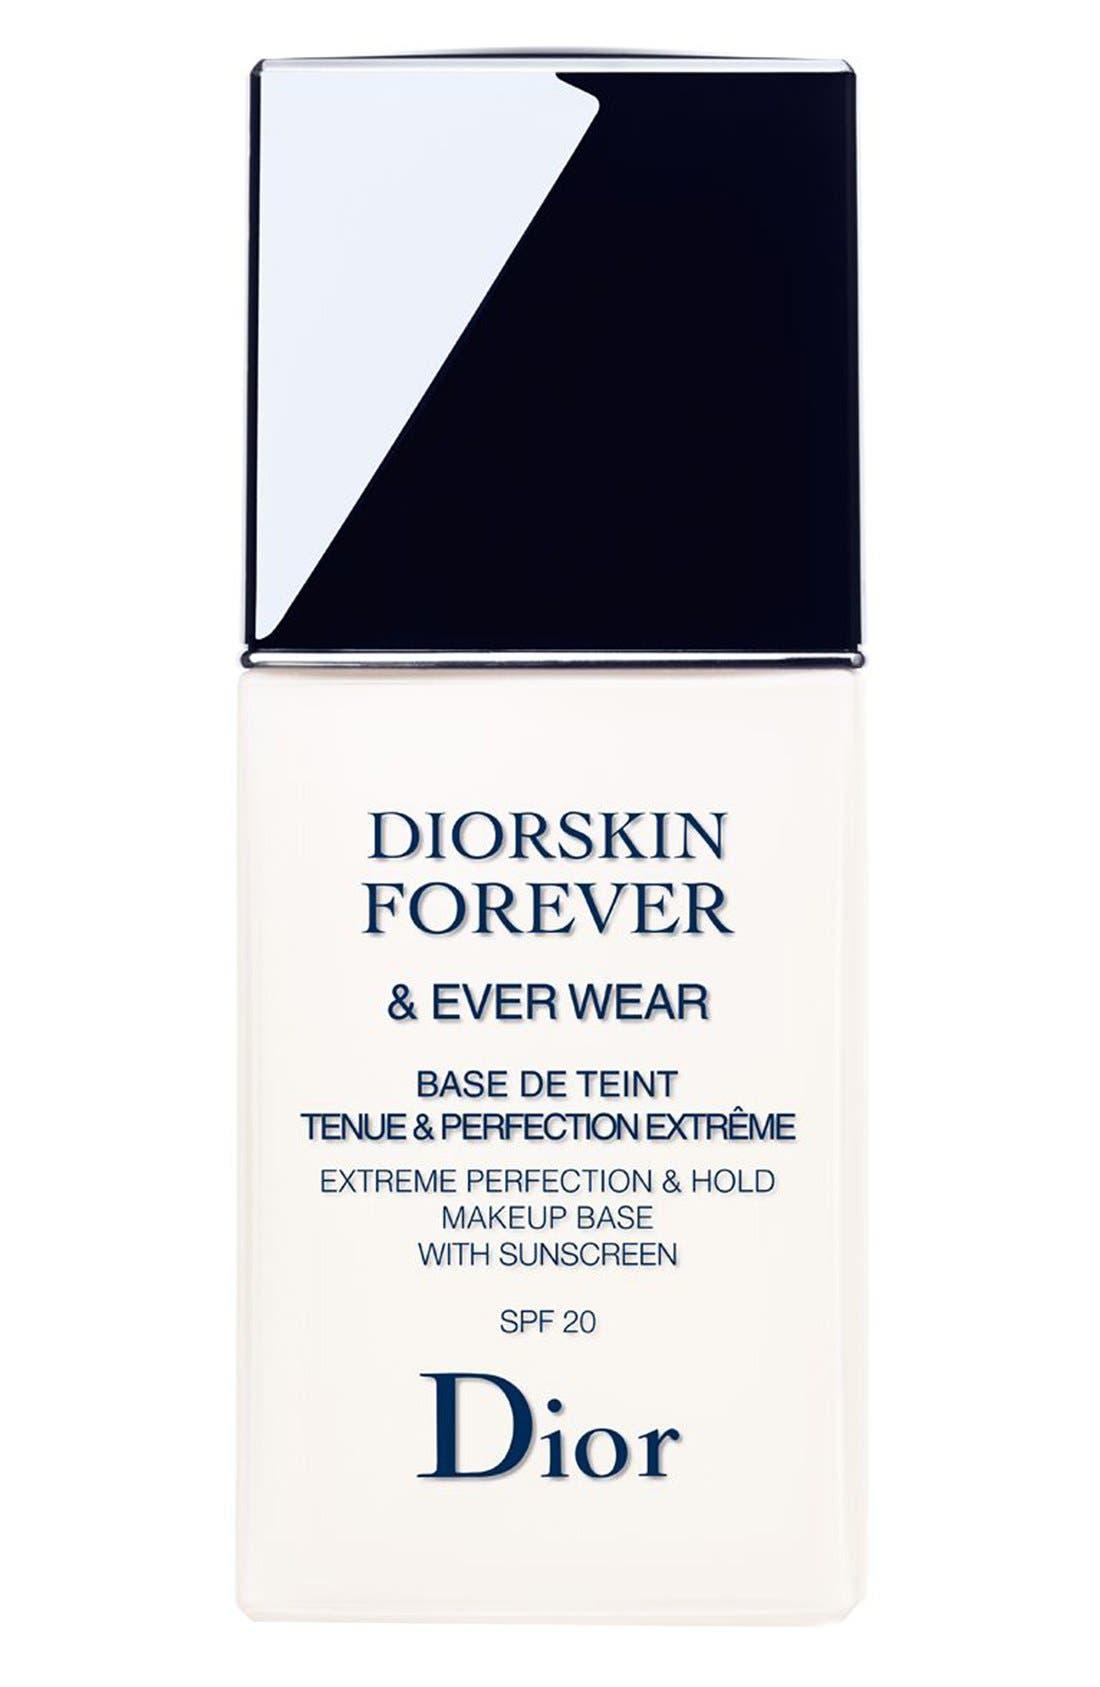 Diorskin Forever & Ever Wear Makeup Primer SPF 20,                             Alternate thumbnail 5, color,                             NO COLOR